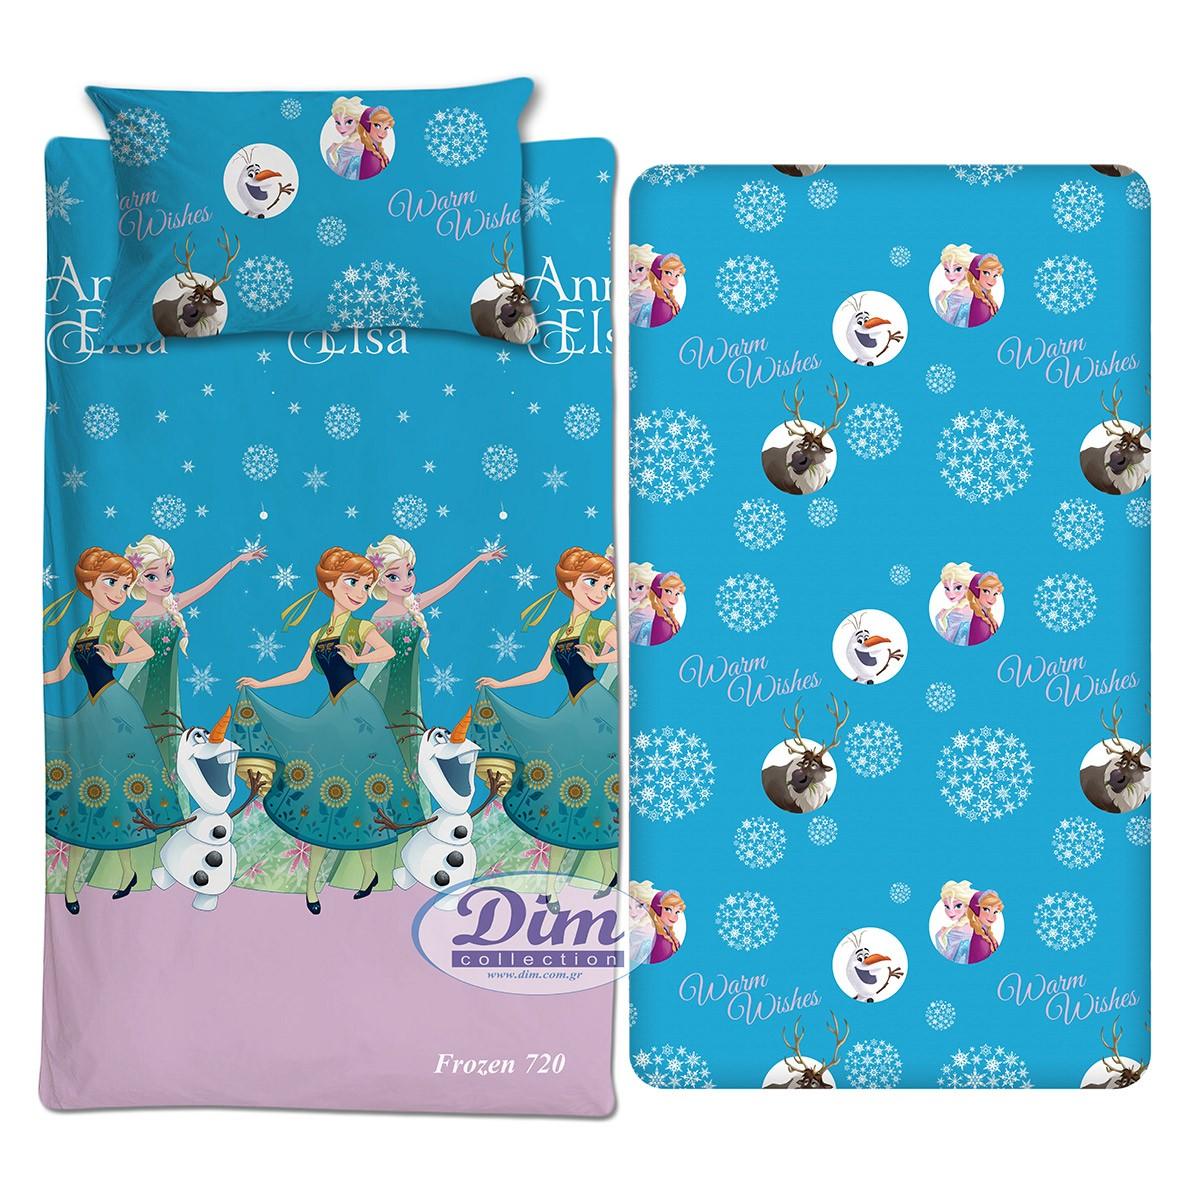 Σεντόνια Μονά (Σετ) Dim Collection Frozen 720